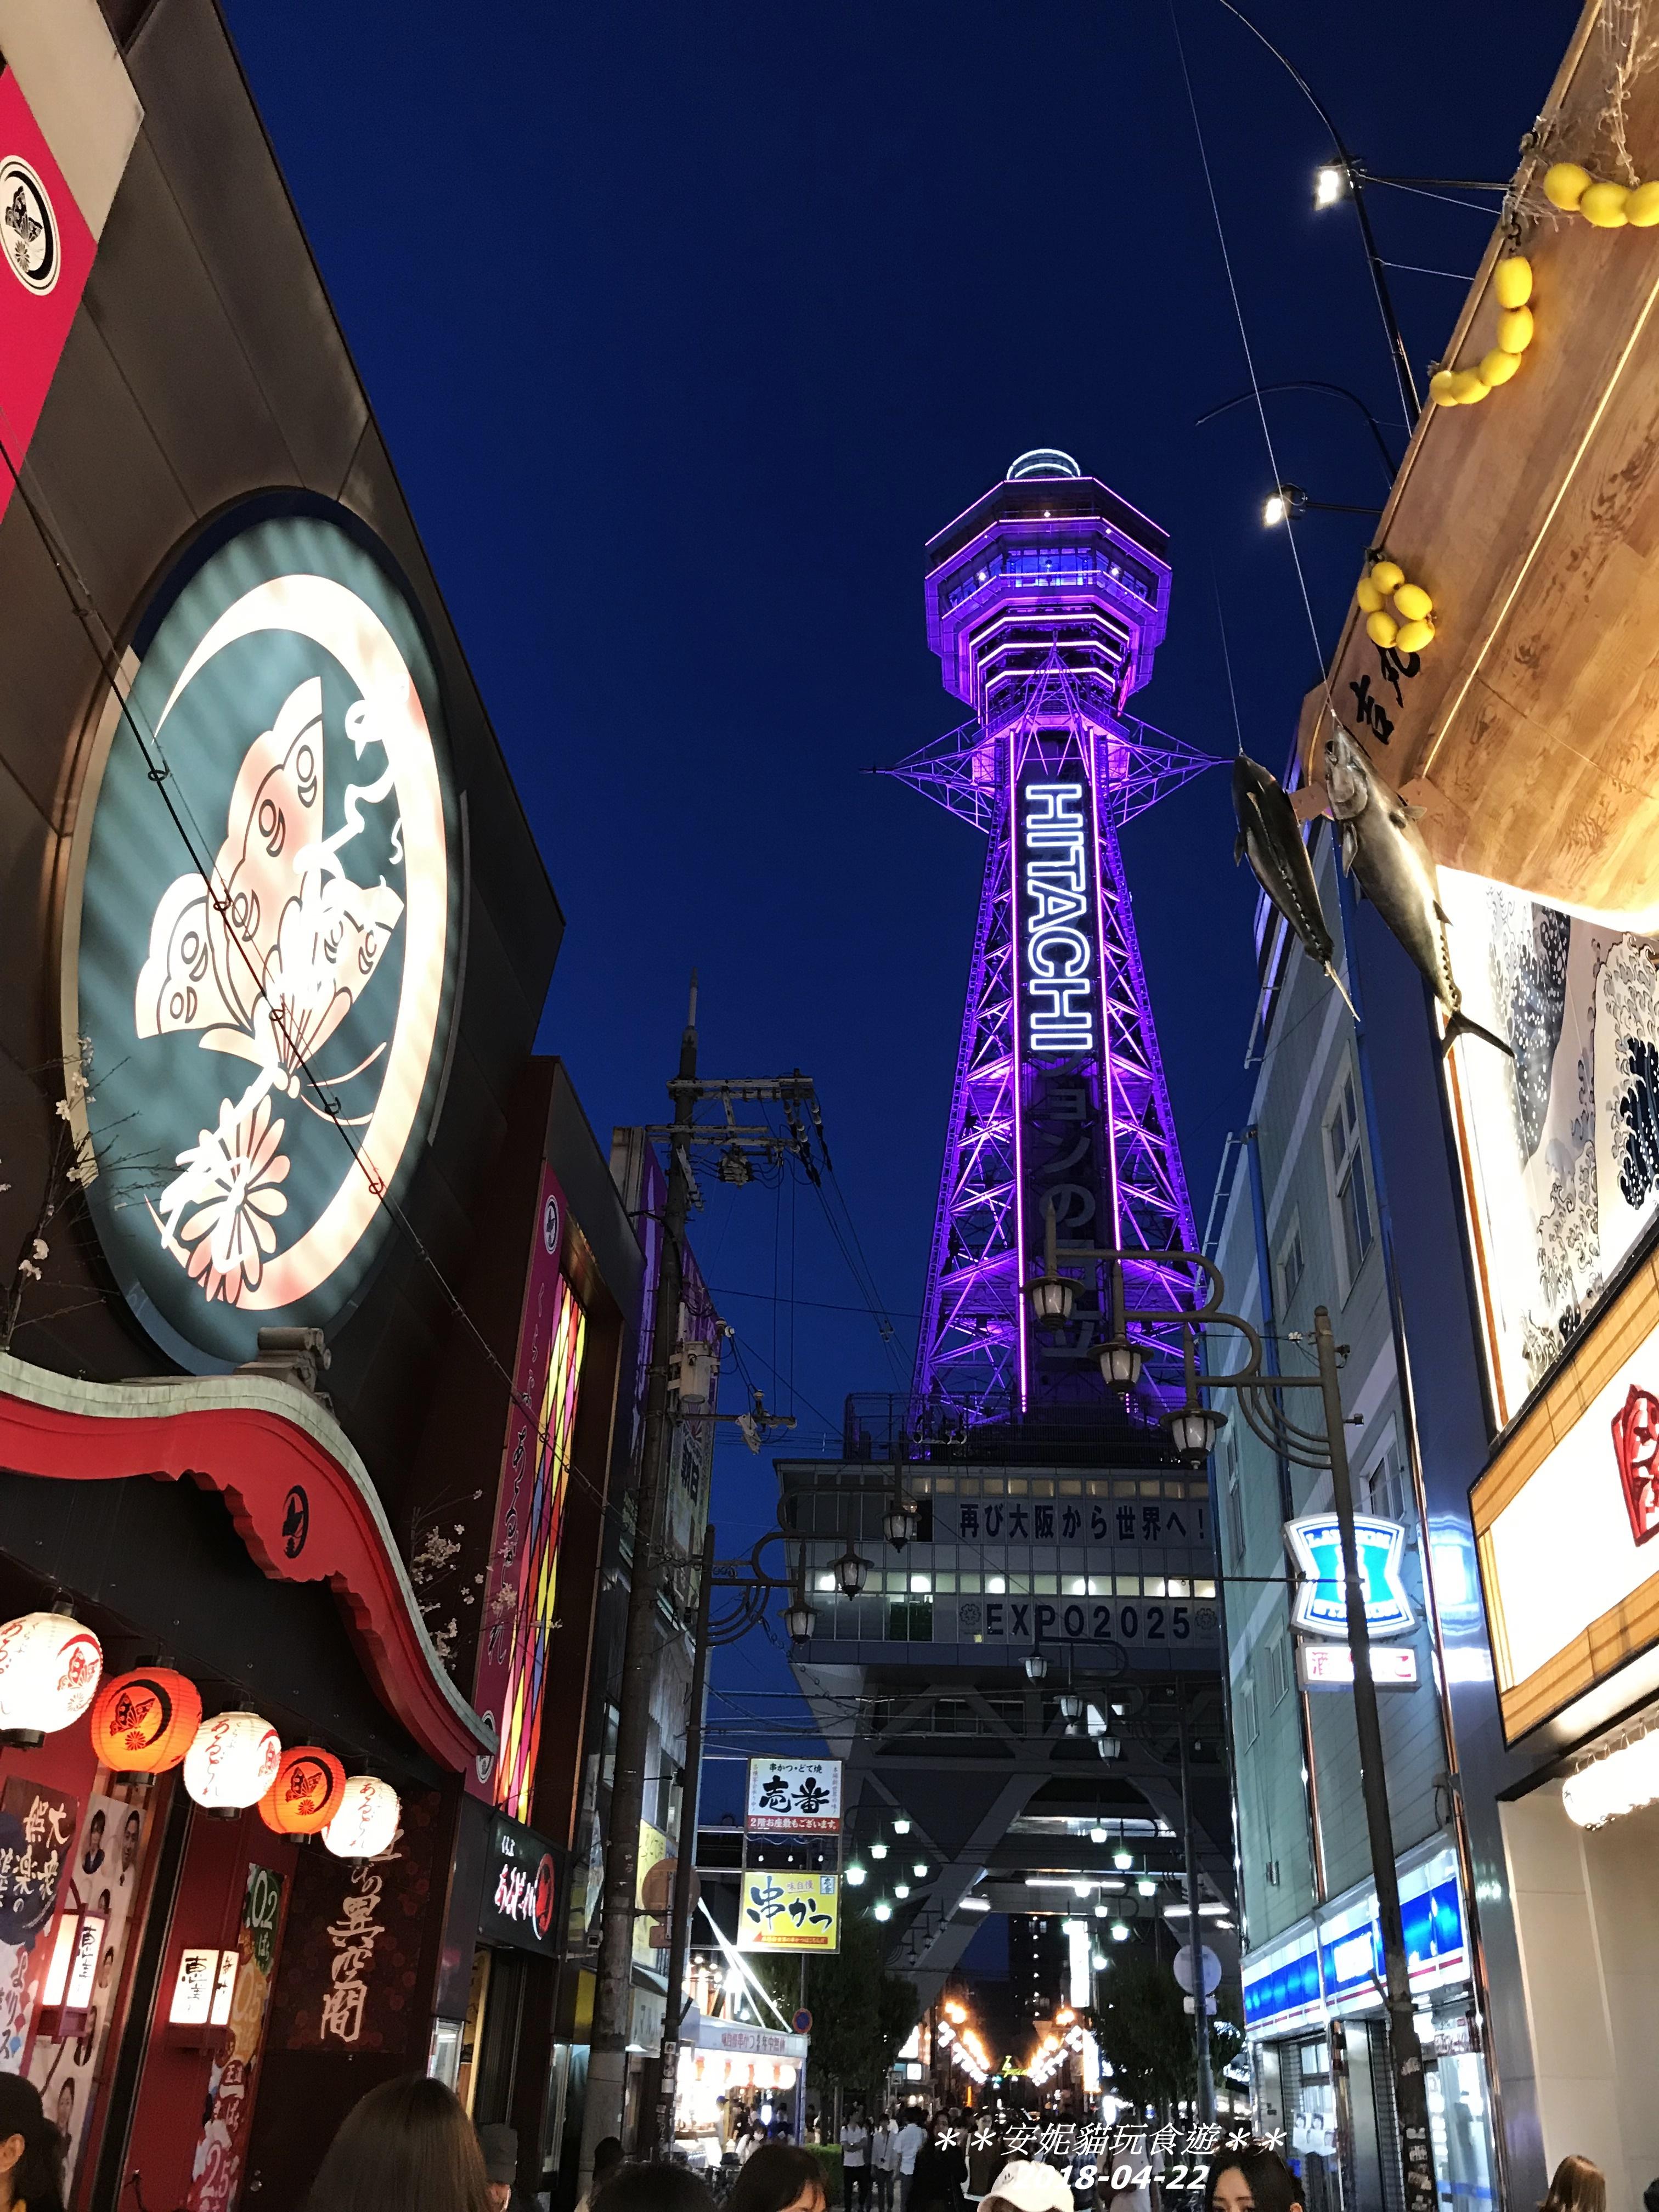 【2018櫻花尾。日本關西三打一】大阪代表性地標|好逛好買櫻花色的通天閣